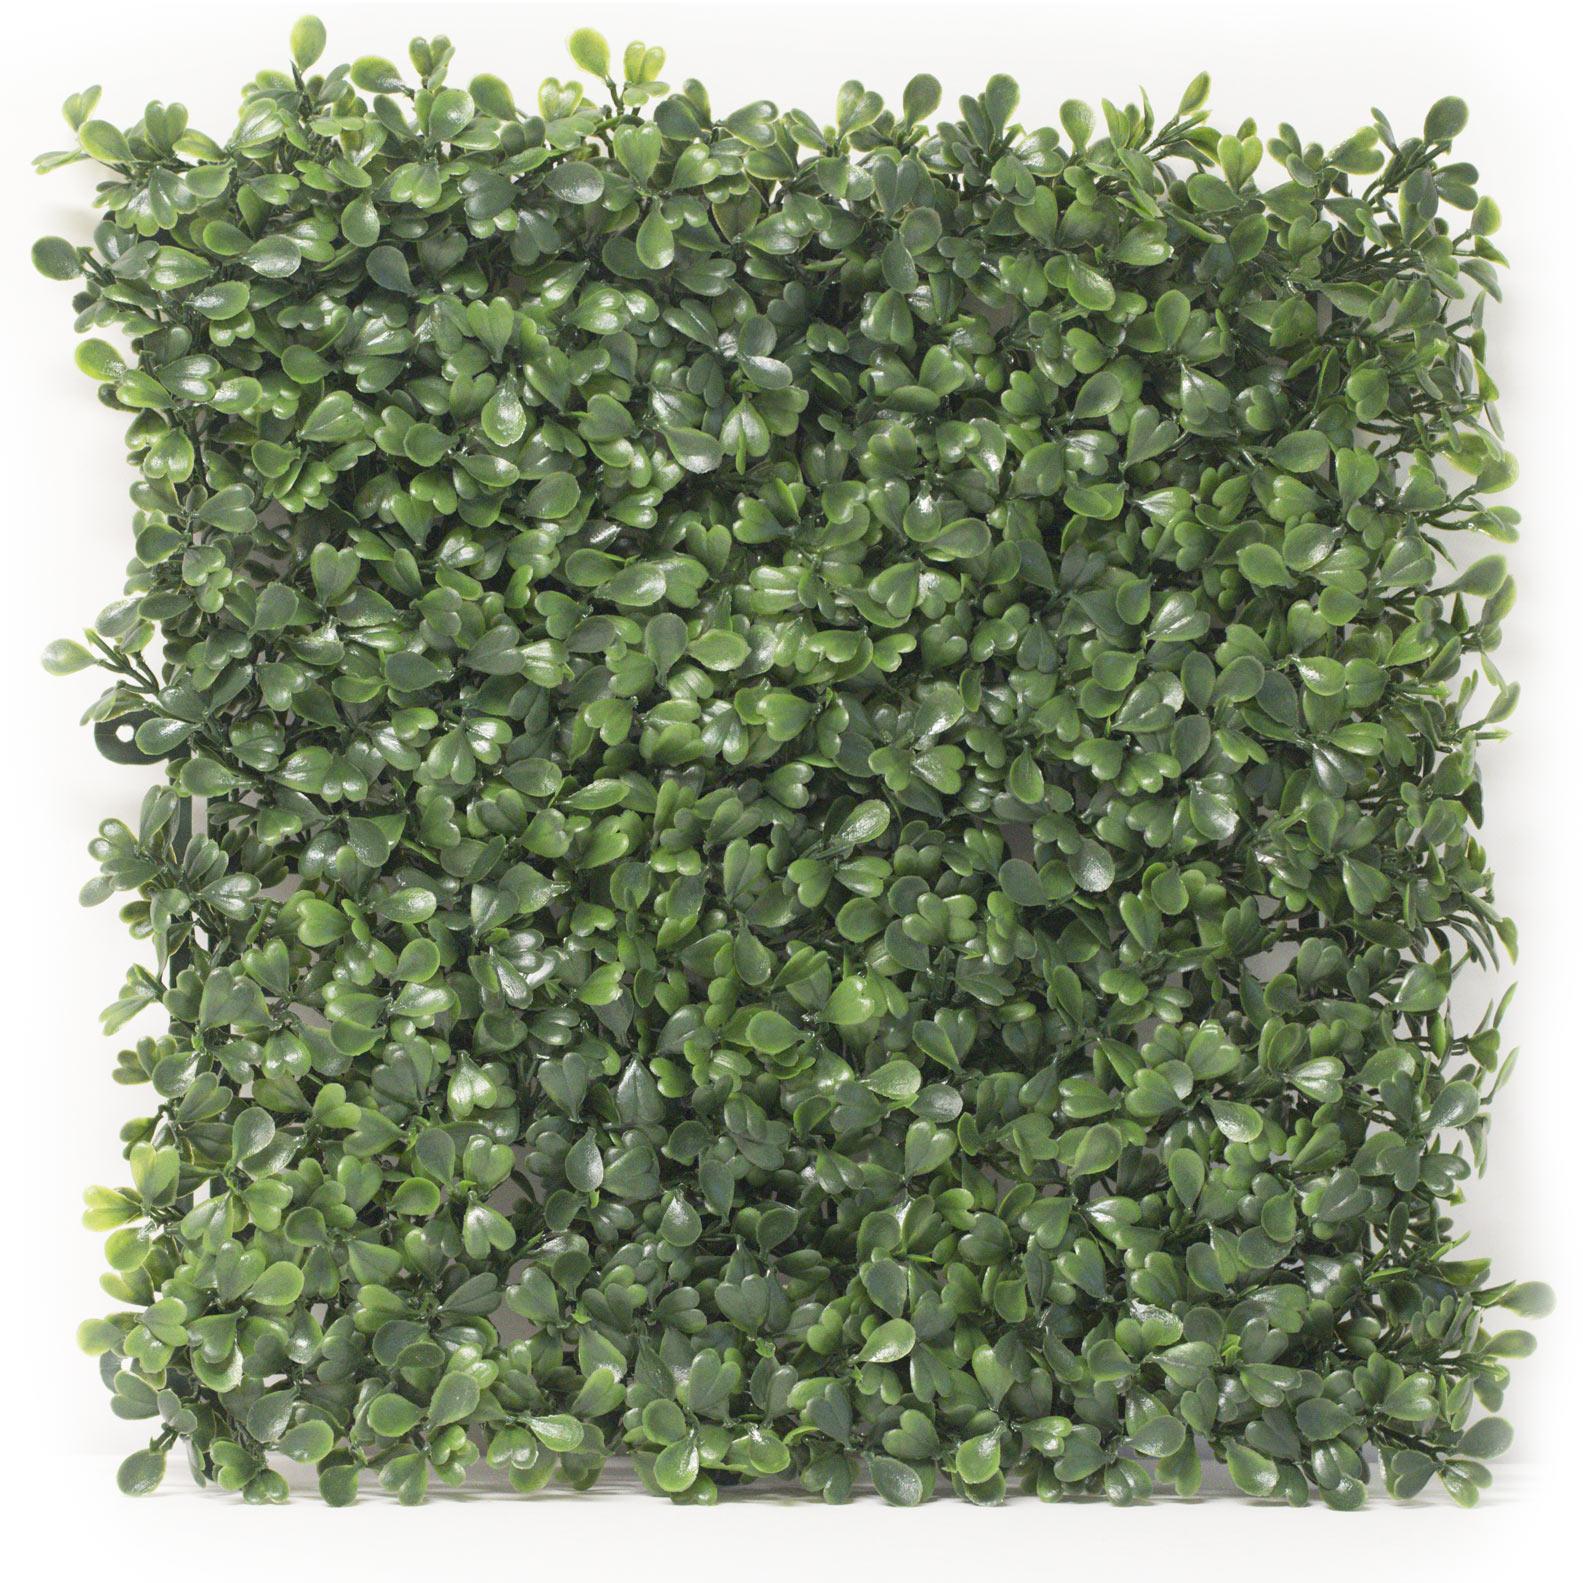 Artificial Ivy Small Leaf Artificial Ivy small leaf - Global syn-turf